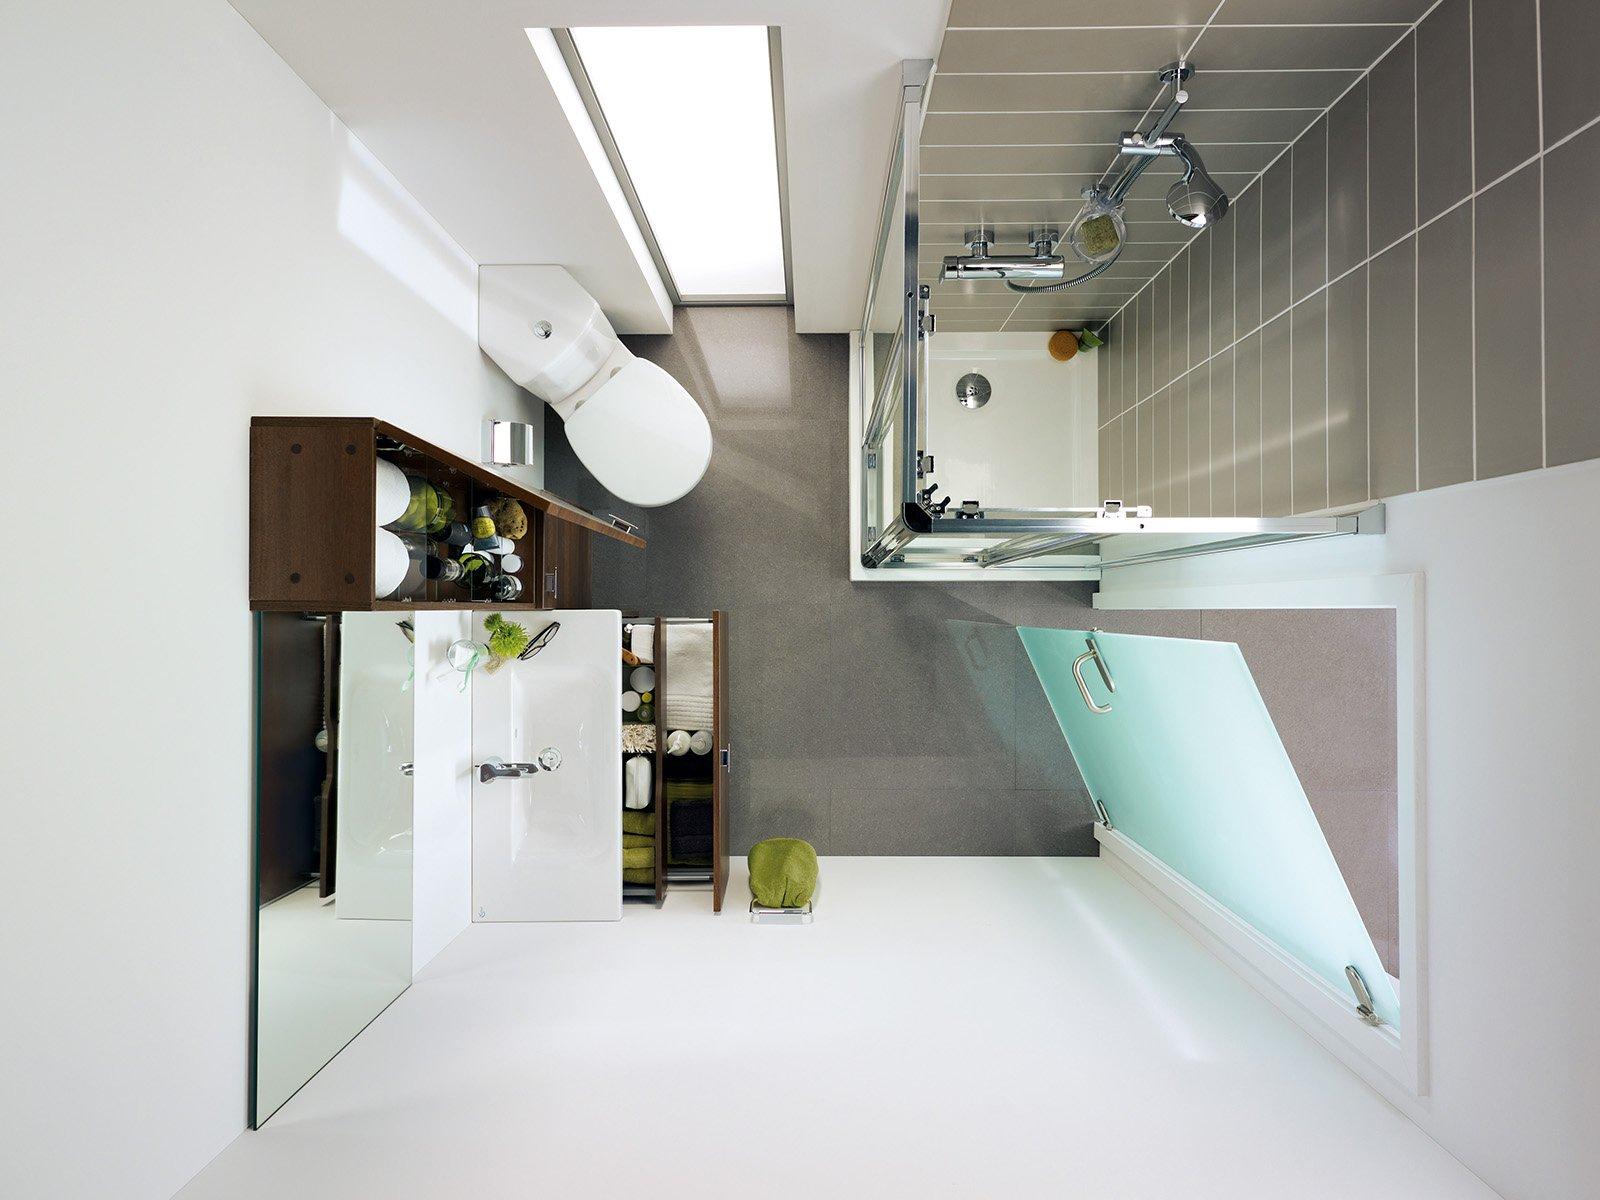 Bagno sfruttare l 39 angolo cose di casa - Amenagement salle de bain 2m2 ...